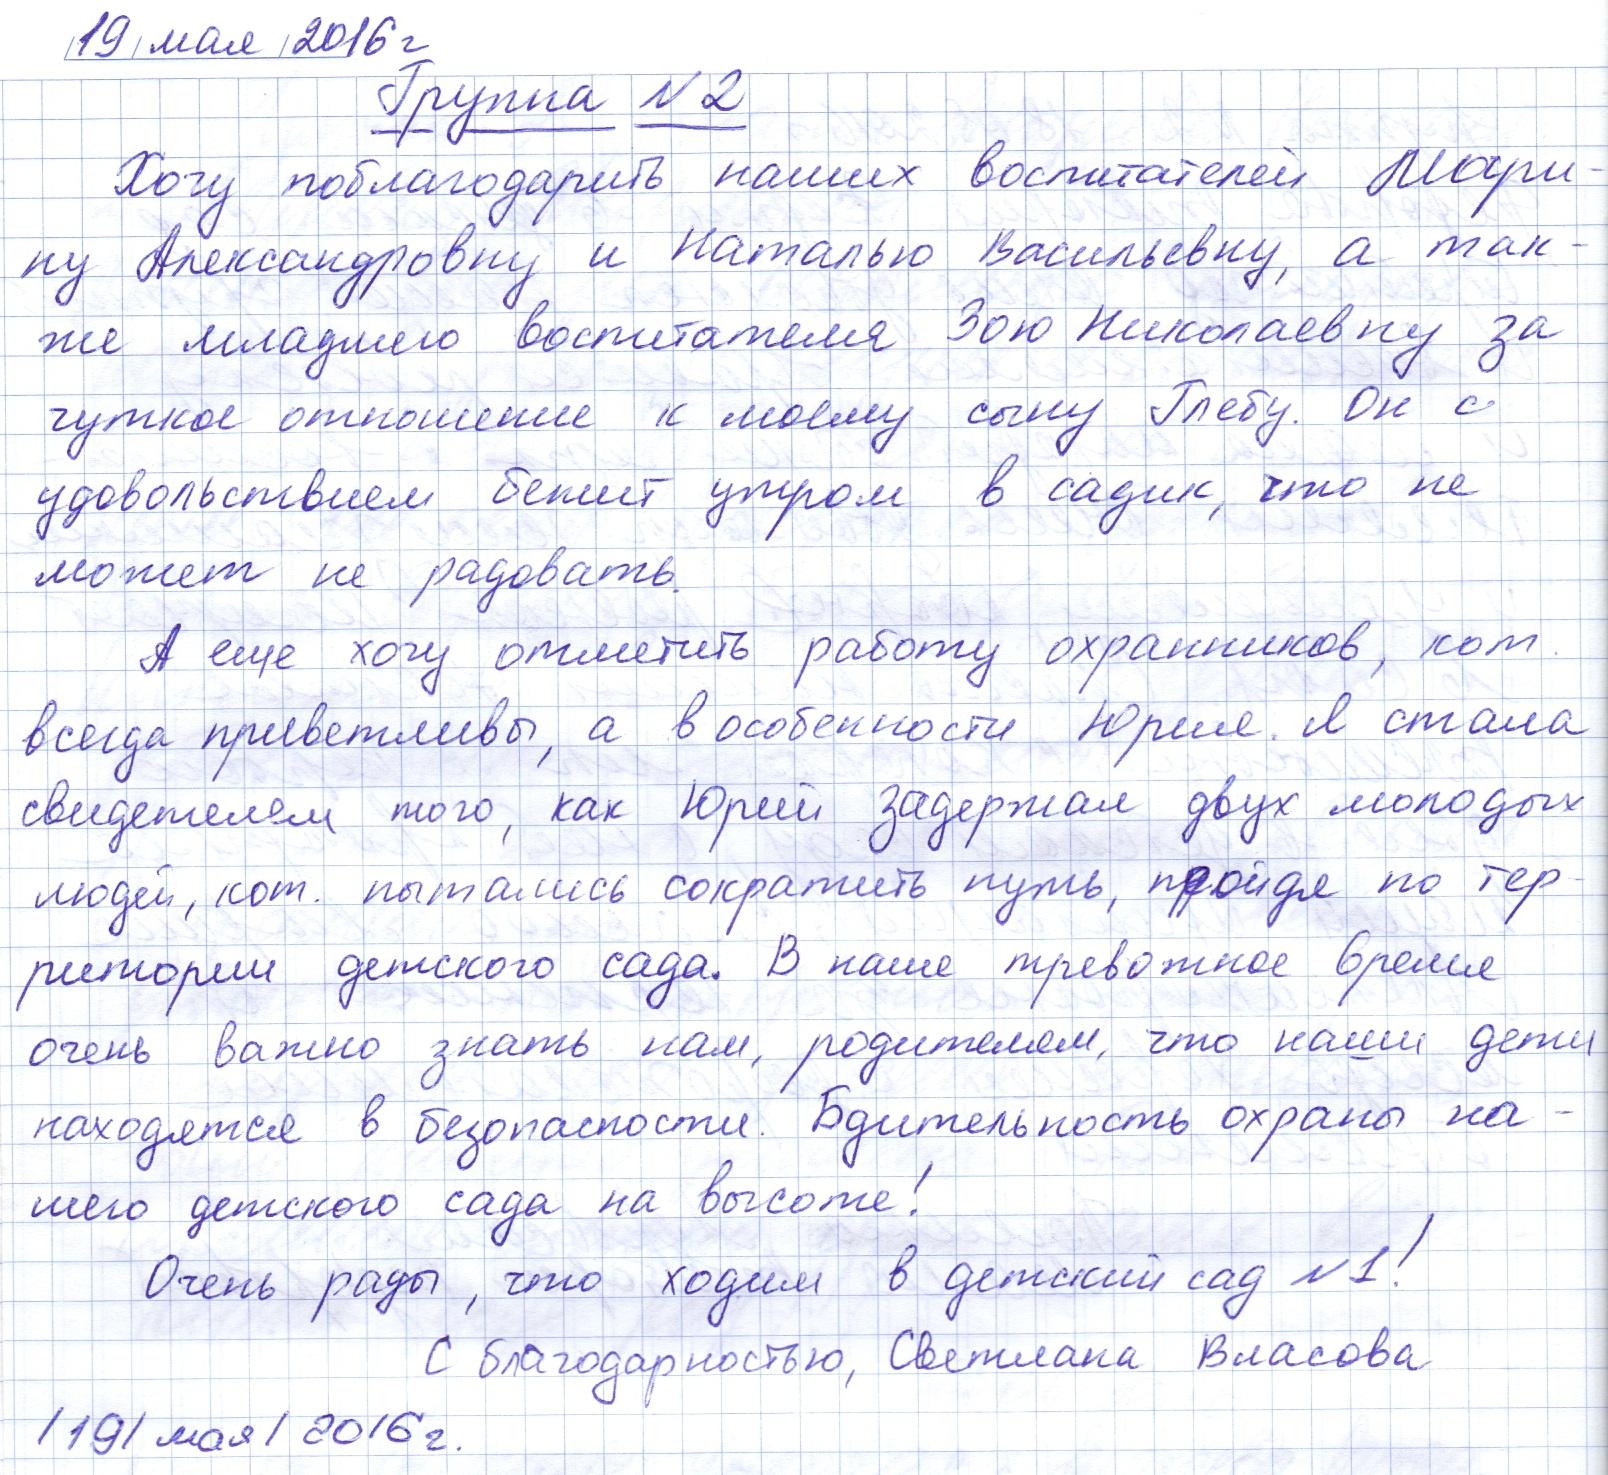 Большое спасибо воспитателям Наталье Григорьевне и Валентине Ивановне